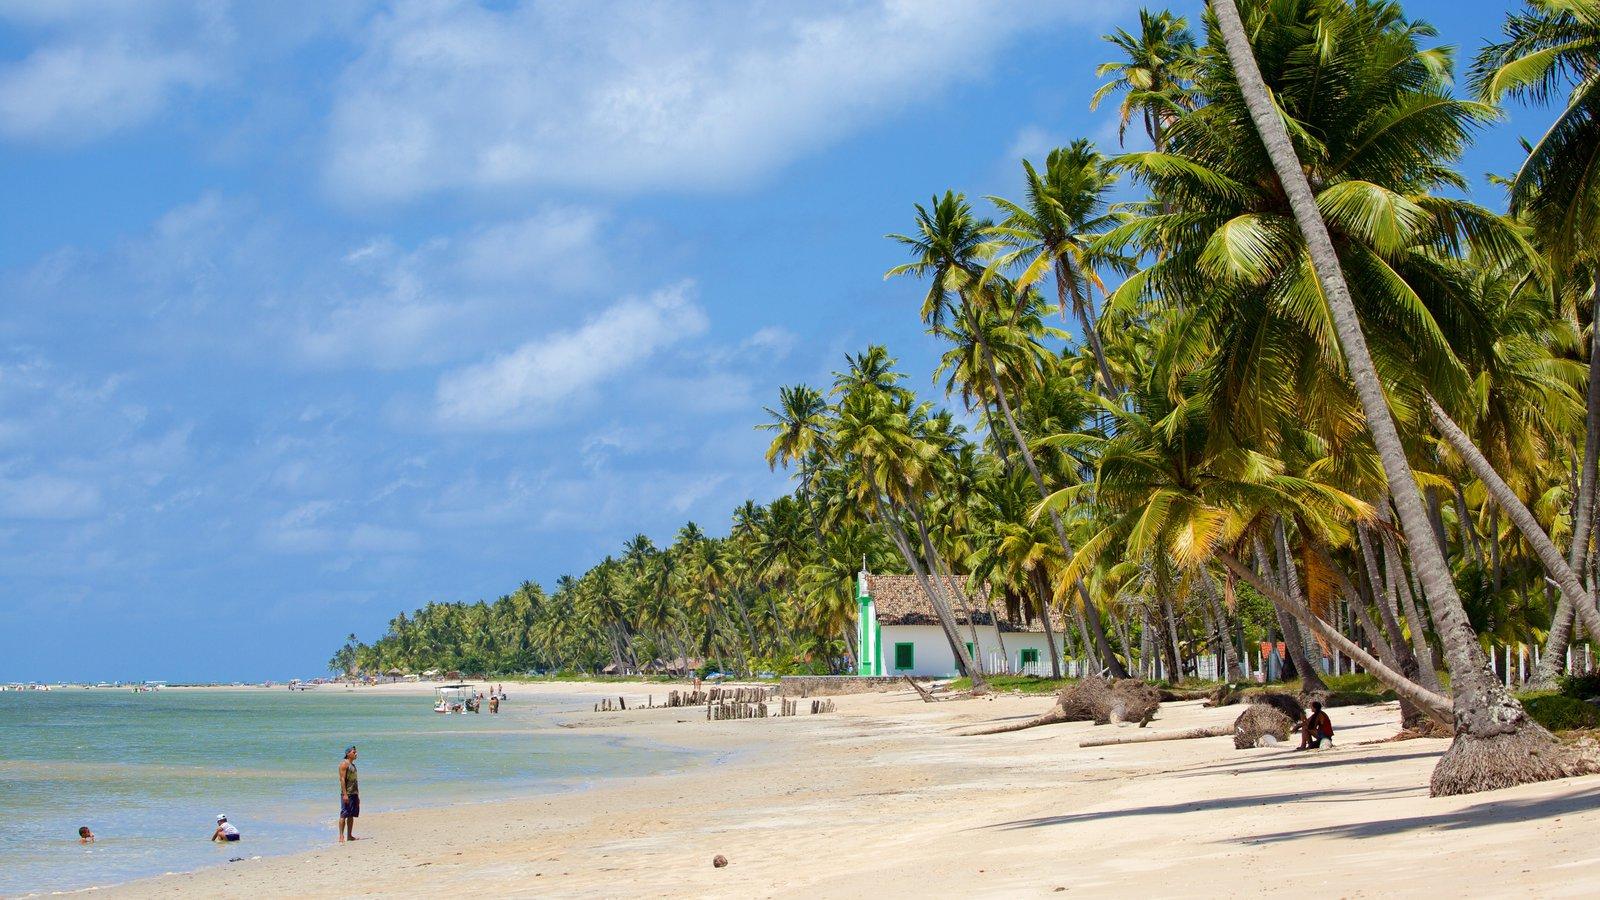 Tamandaré que inclui cenas tropicais, uma praia de areia e paisagens litorâneas